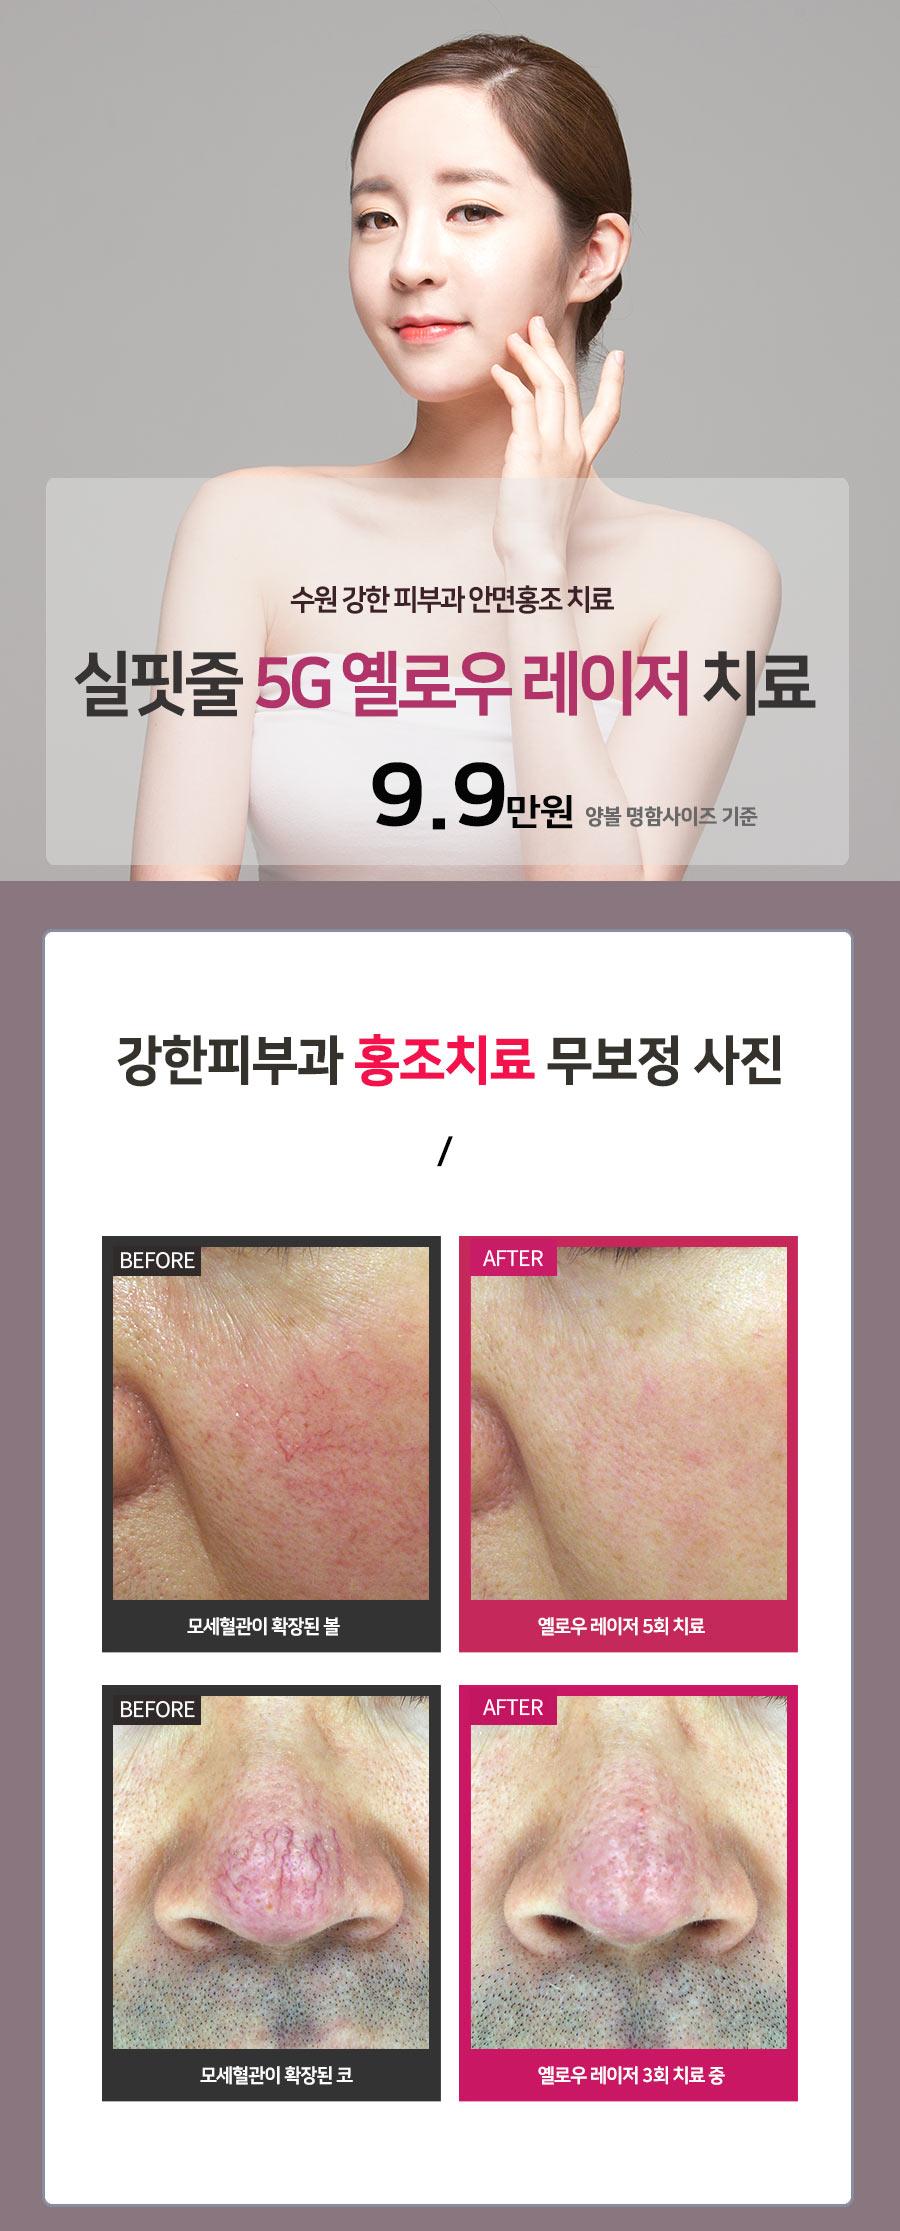 수원 홍조치료